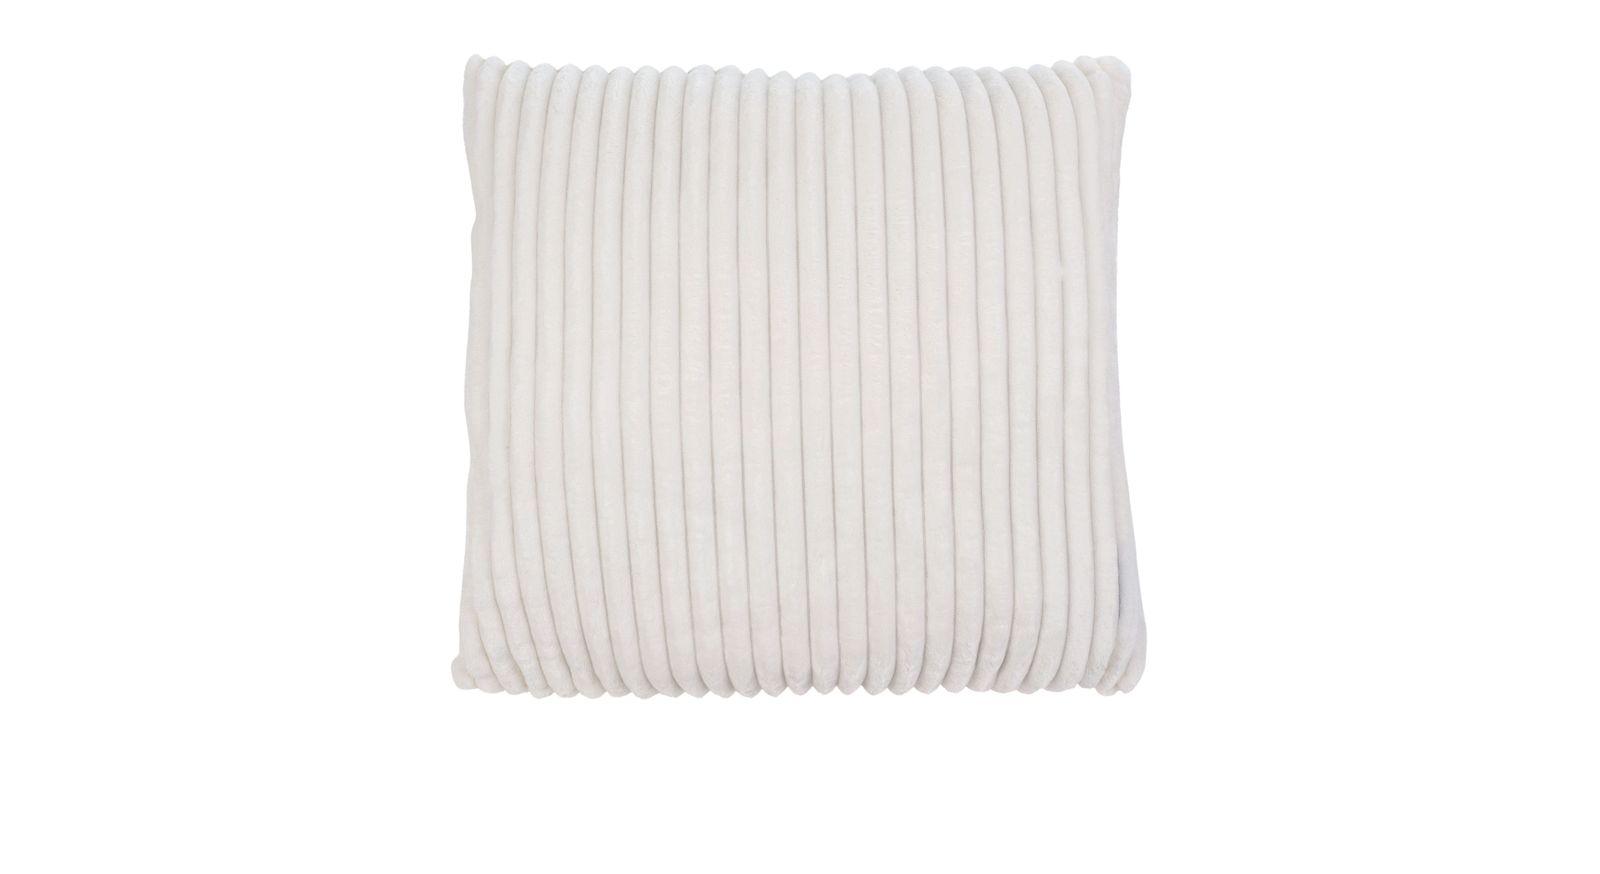 Dekokissen Streifentraum fürs Sofa in schlichtem Wollweiß